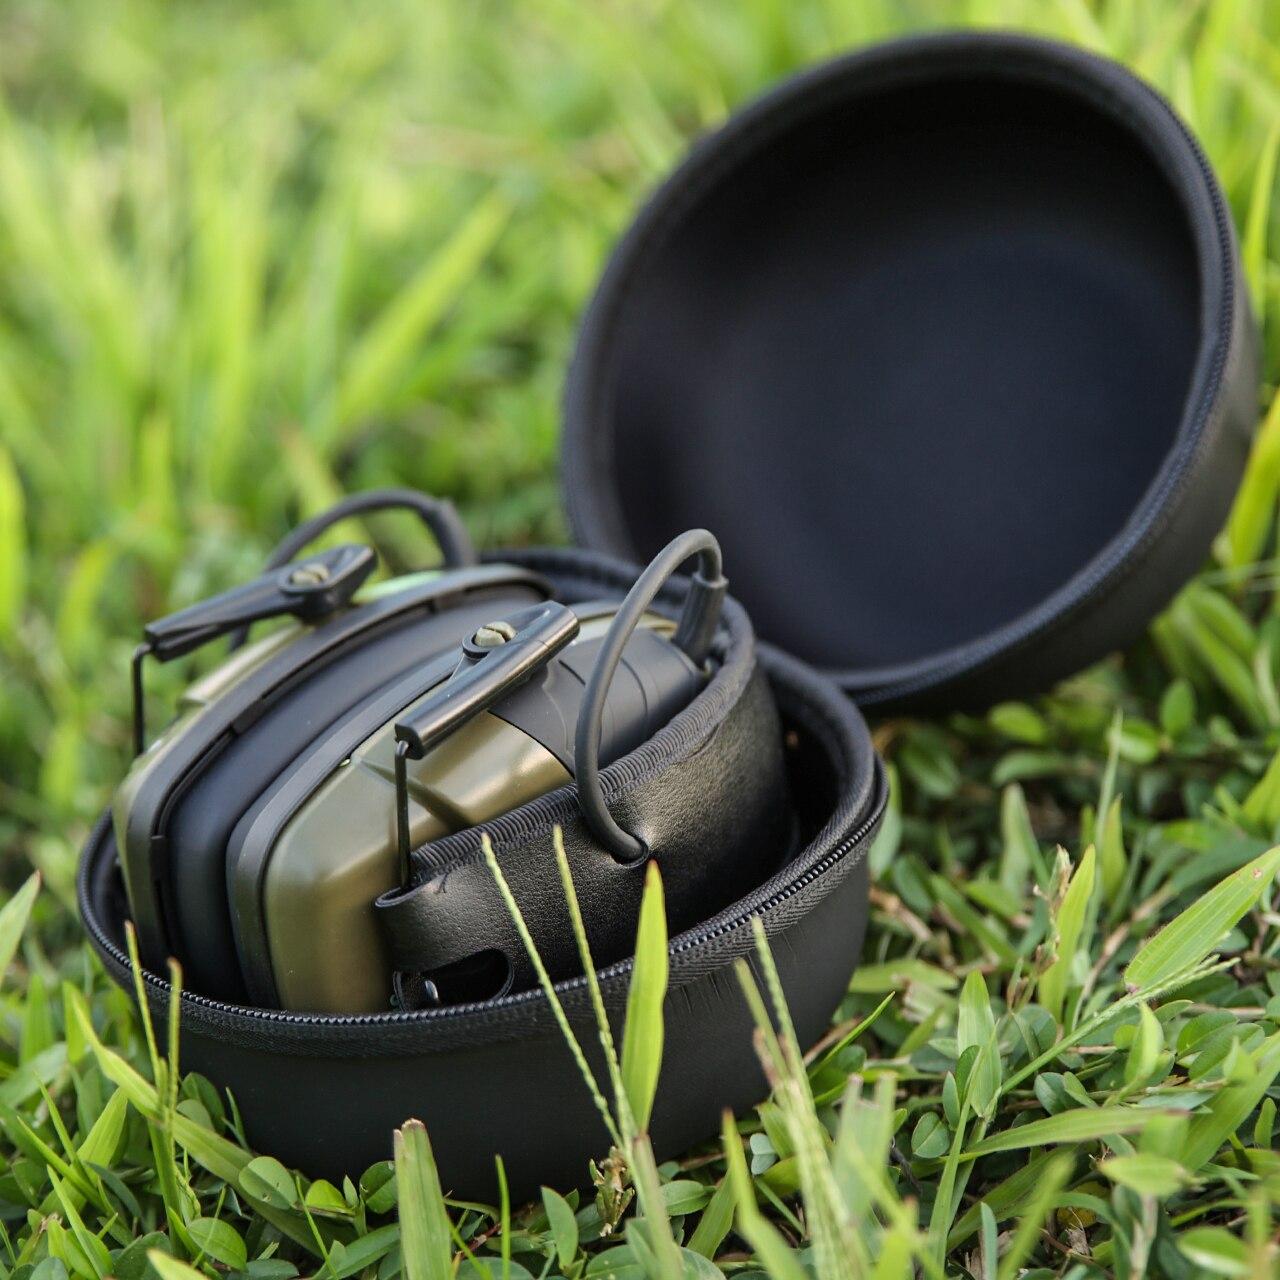 الجملة 2 قطعة إلكتروني اطلاق النار سماعات الأذن الرياضة في الهواء الطلق مكافحة الضوضاء سماعة تأثير الصوت تضخيم سماعة واقية